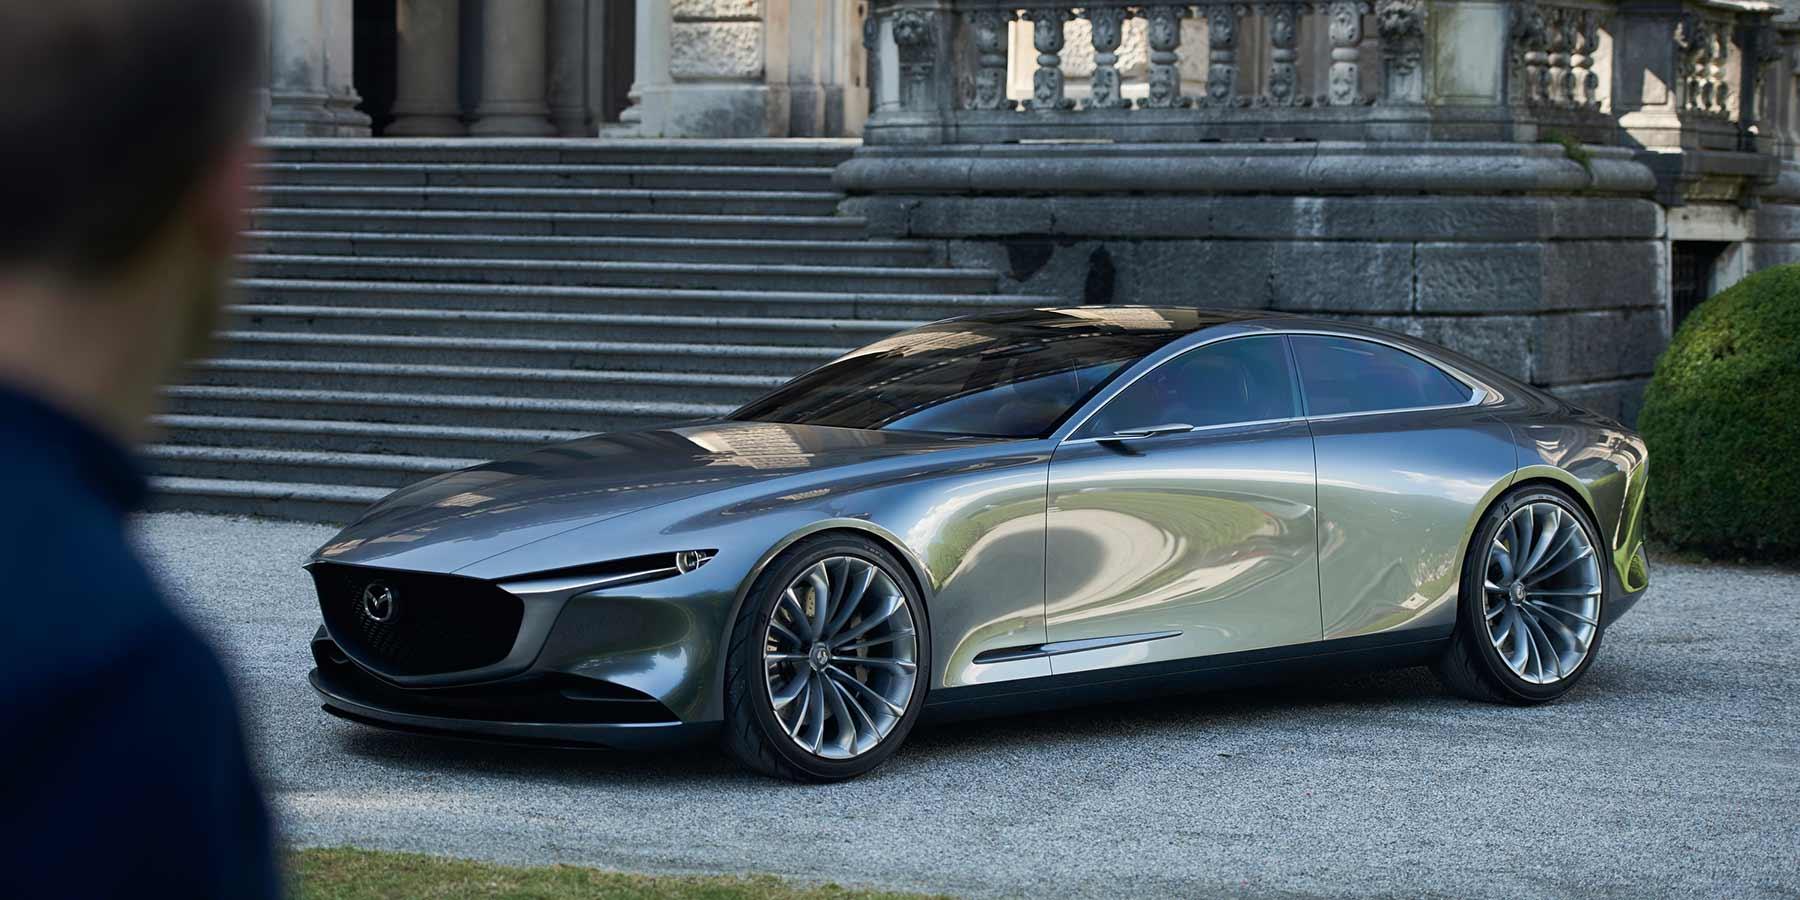 Mazda Concept Cars Prototype Cars Mazda Uk